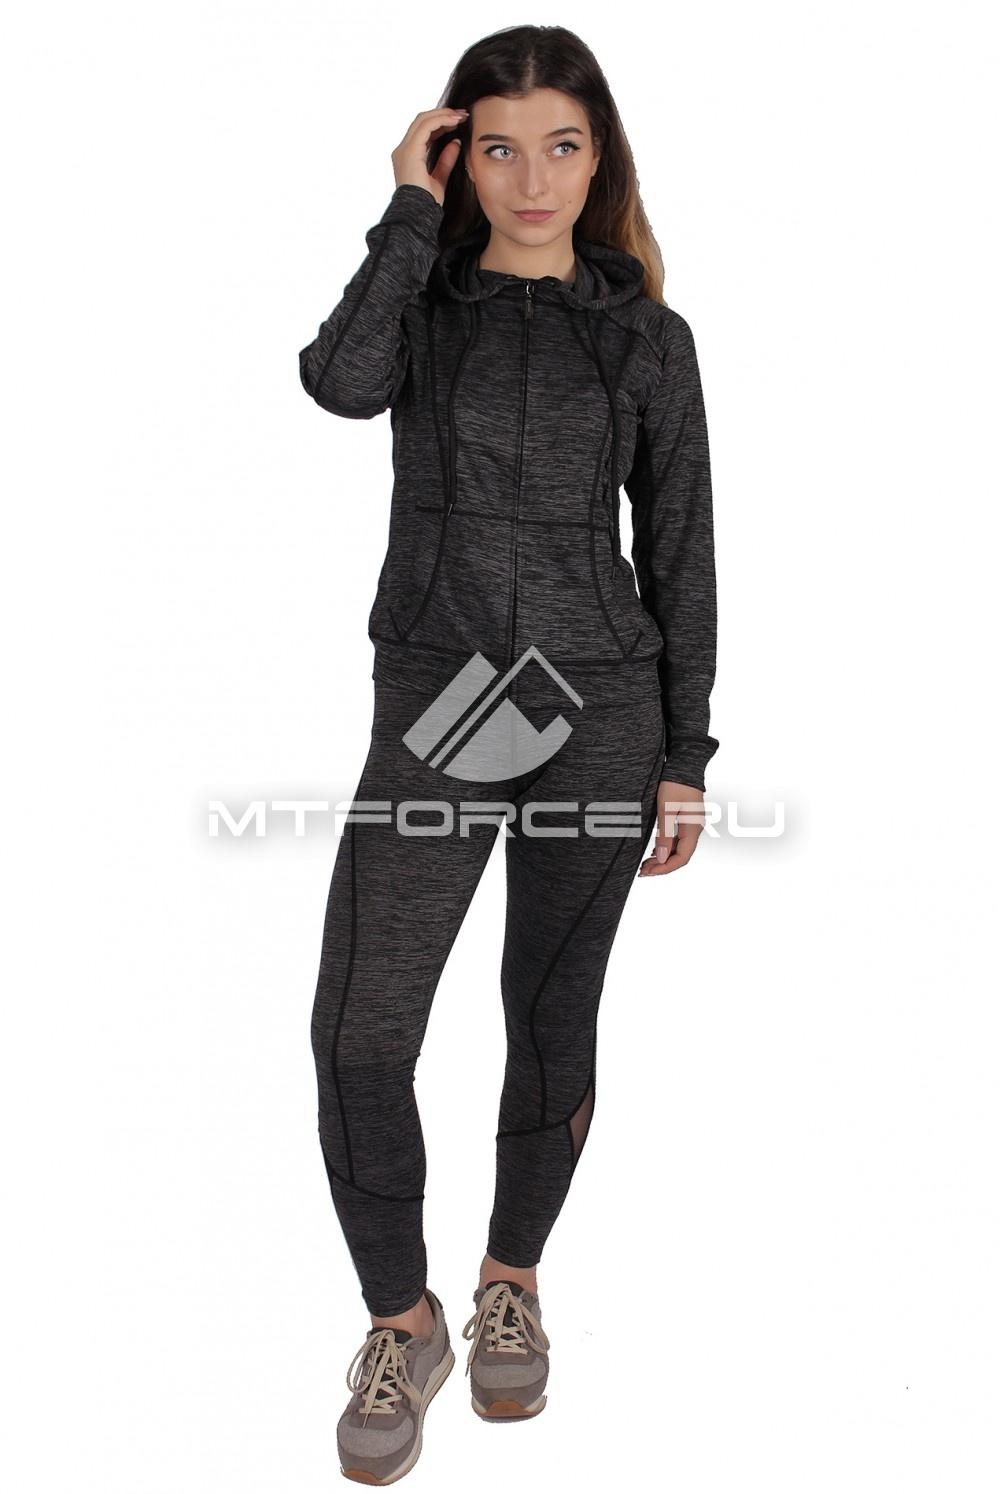 Купить                                  оптом Костюм спортивный женский темно-серого цвета 01020TC в Новосибирске